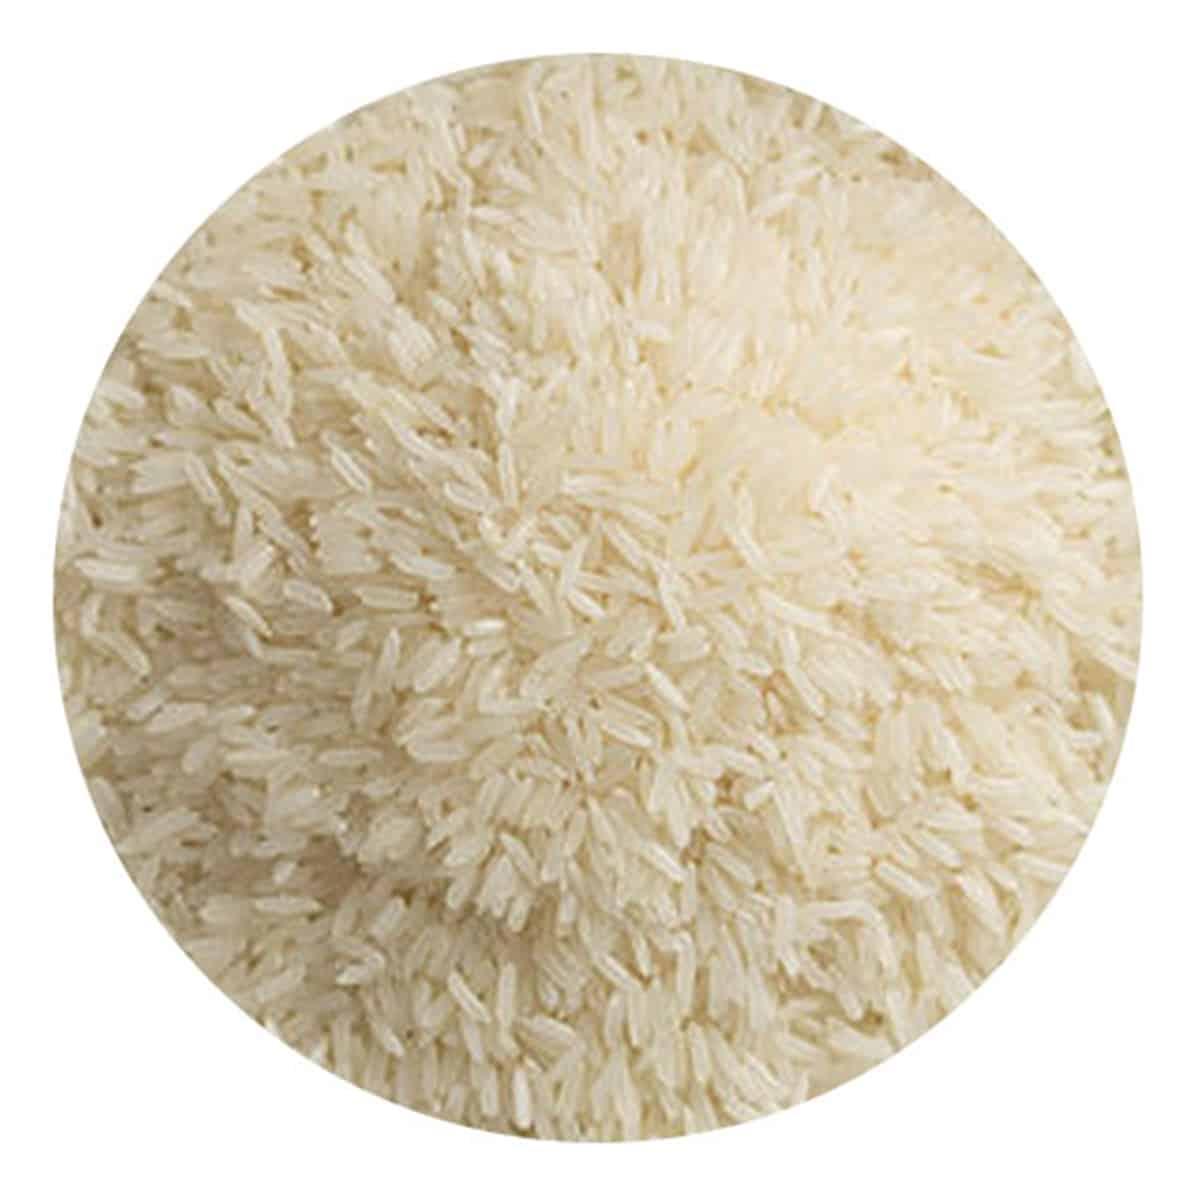 Buy IAG Foods Jasmine Rice - 1 kg